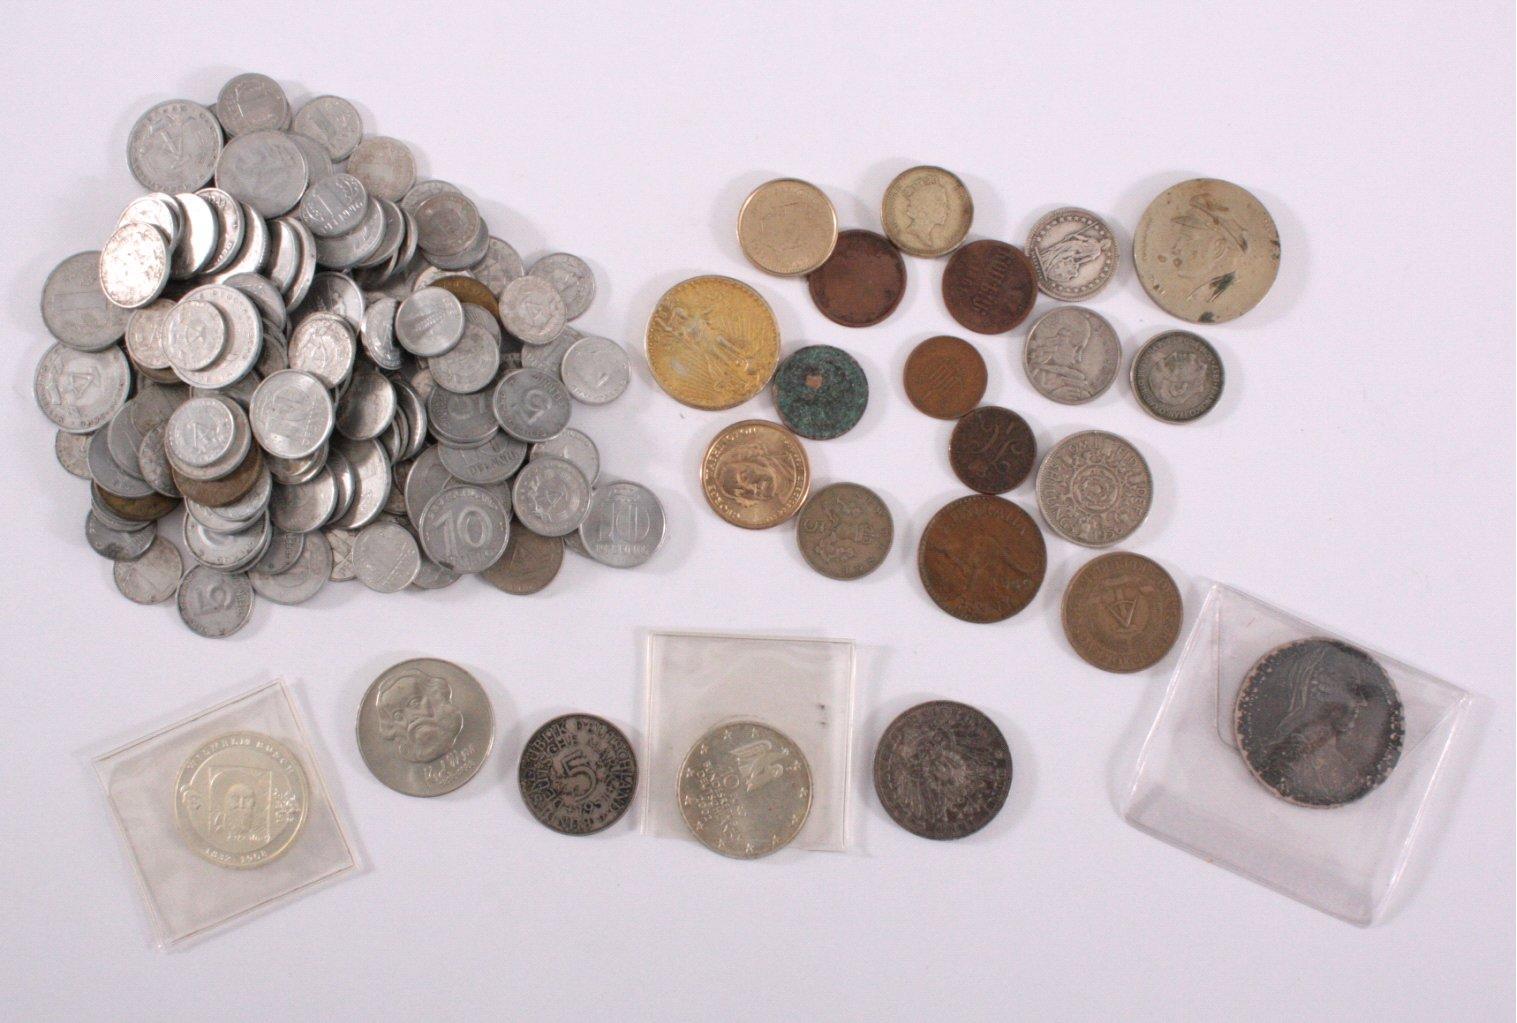 Verschiedene Münzen und Medaillen, dabei 20 Euro und Silber